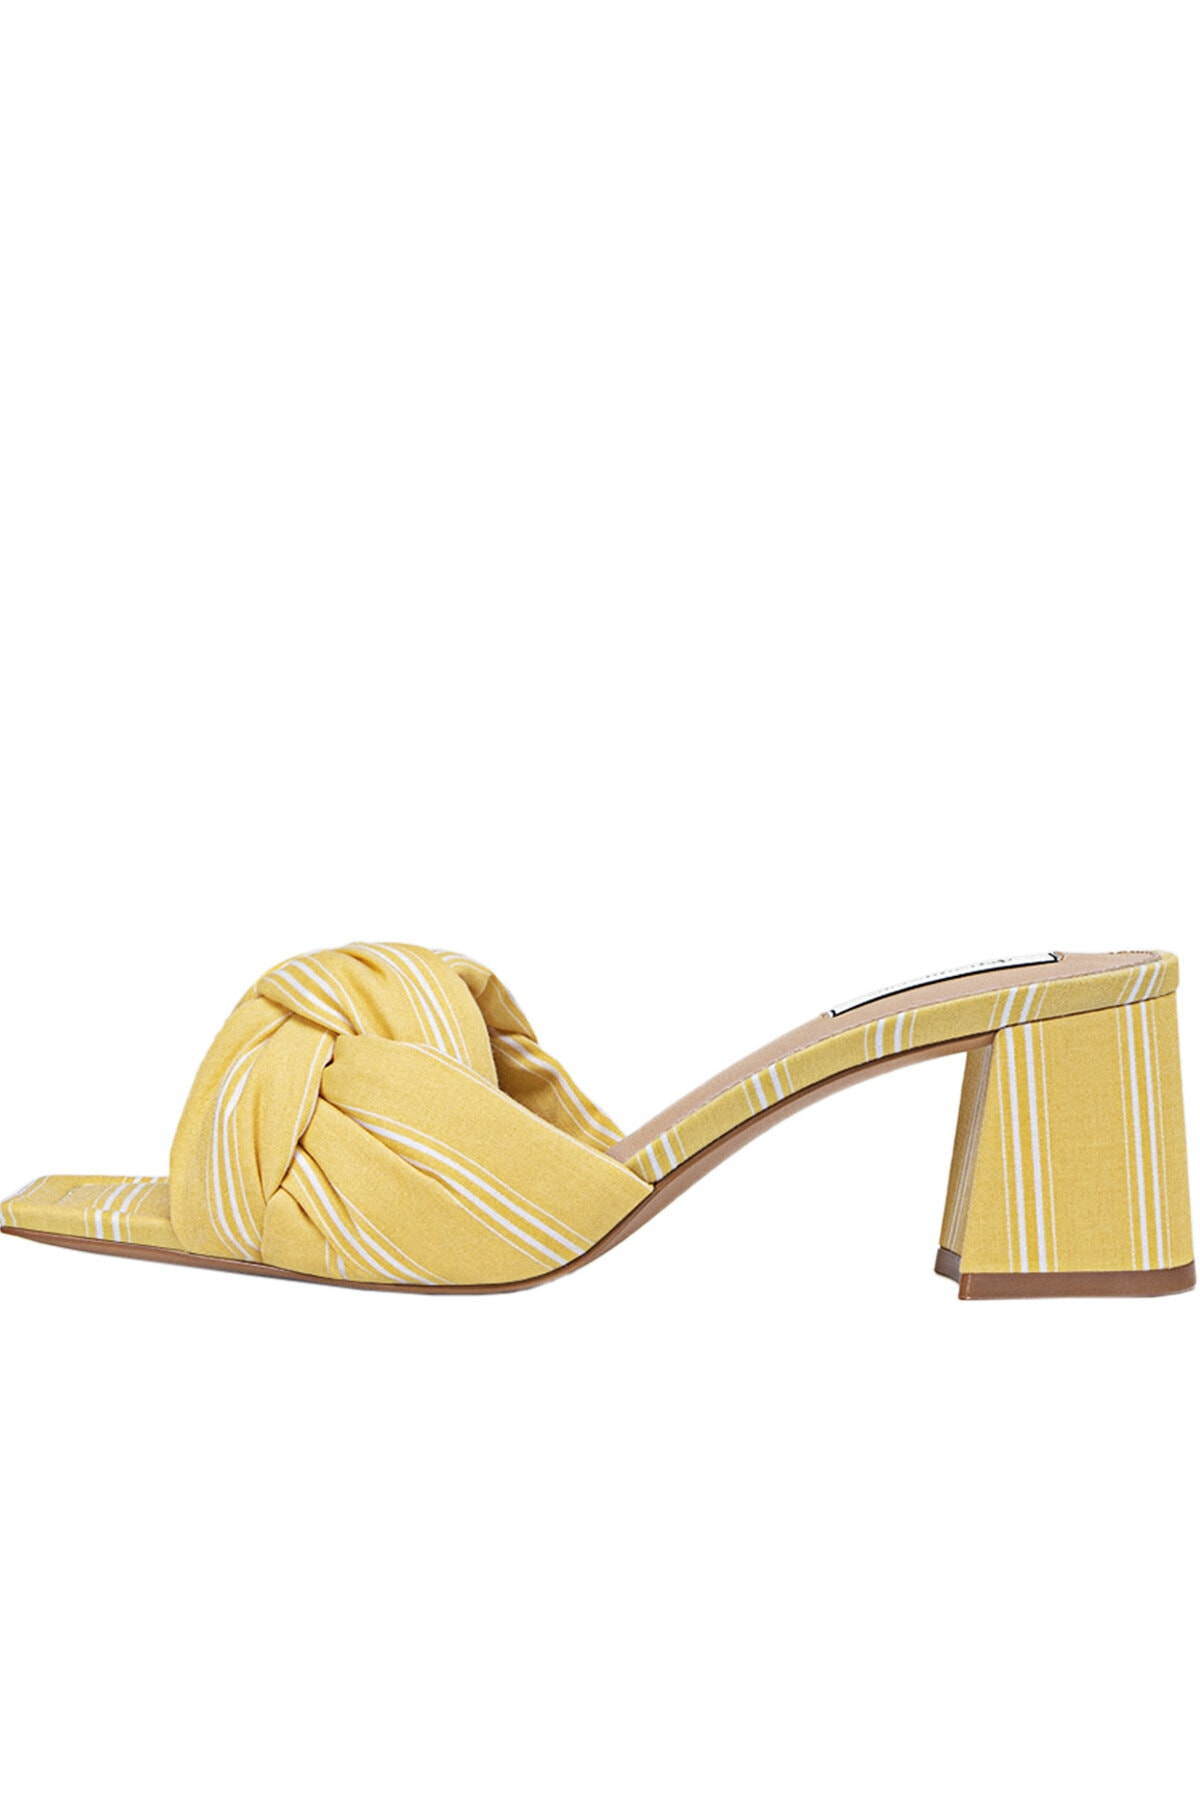 Stradivarius Kadın Sarı Topuklu Kumaş Sandalet